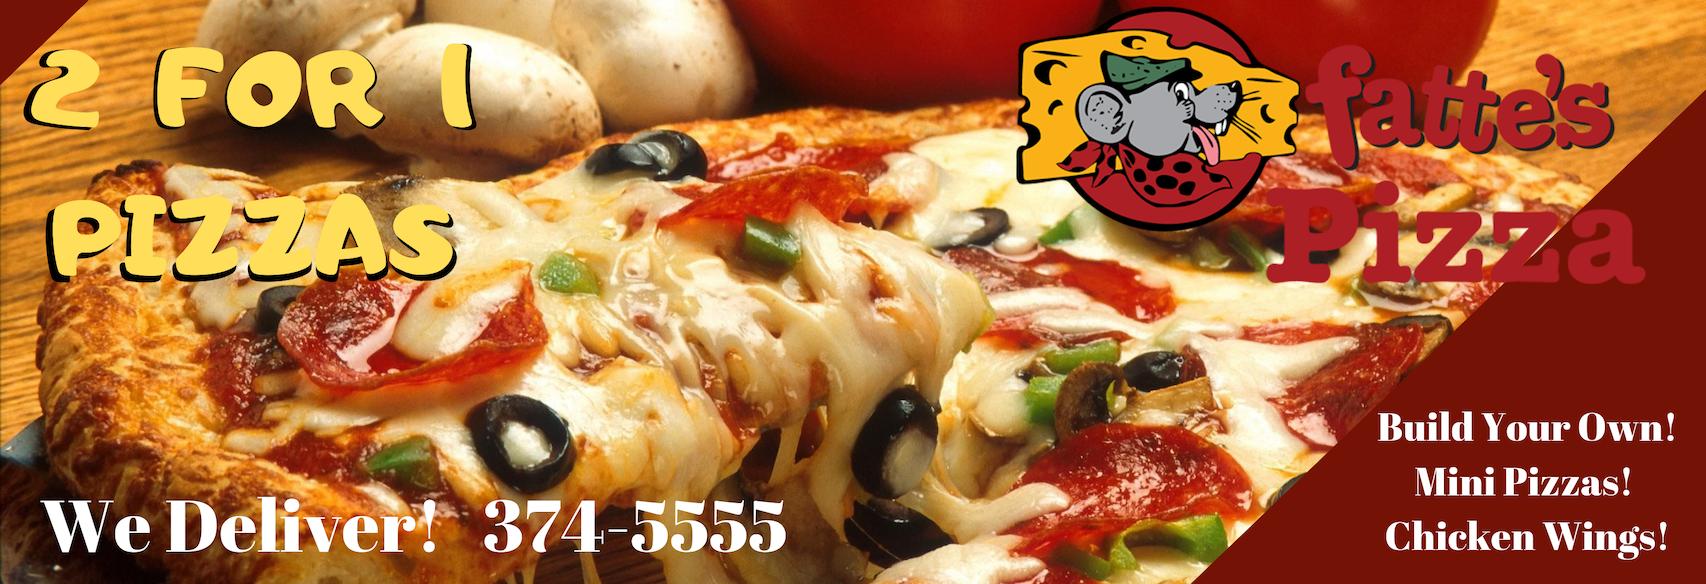 Fatte's Pizza in Fresno, CA banner ad